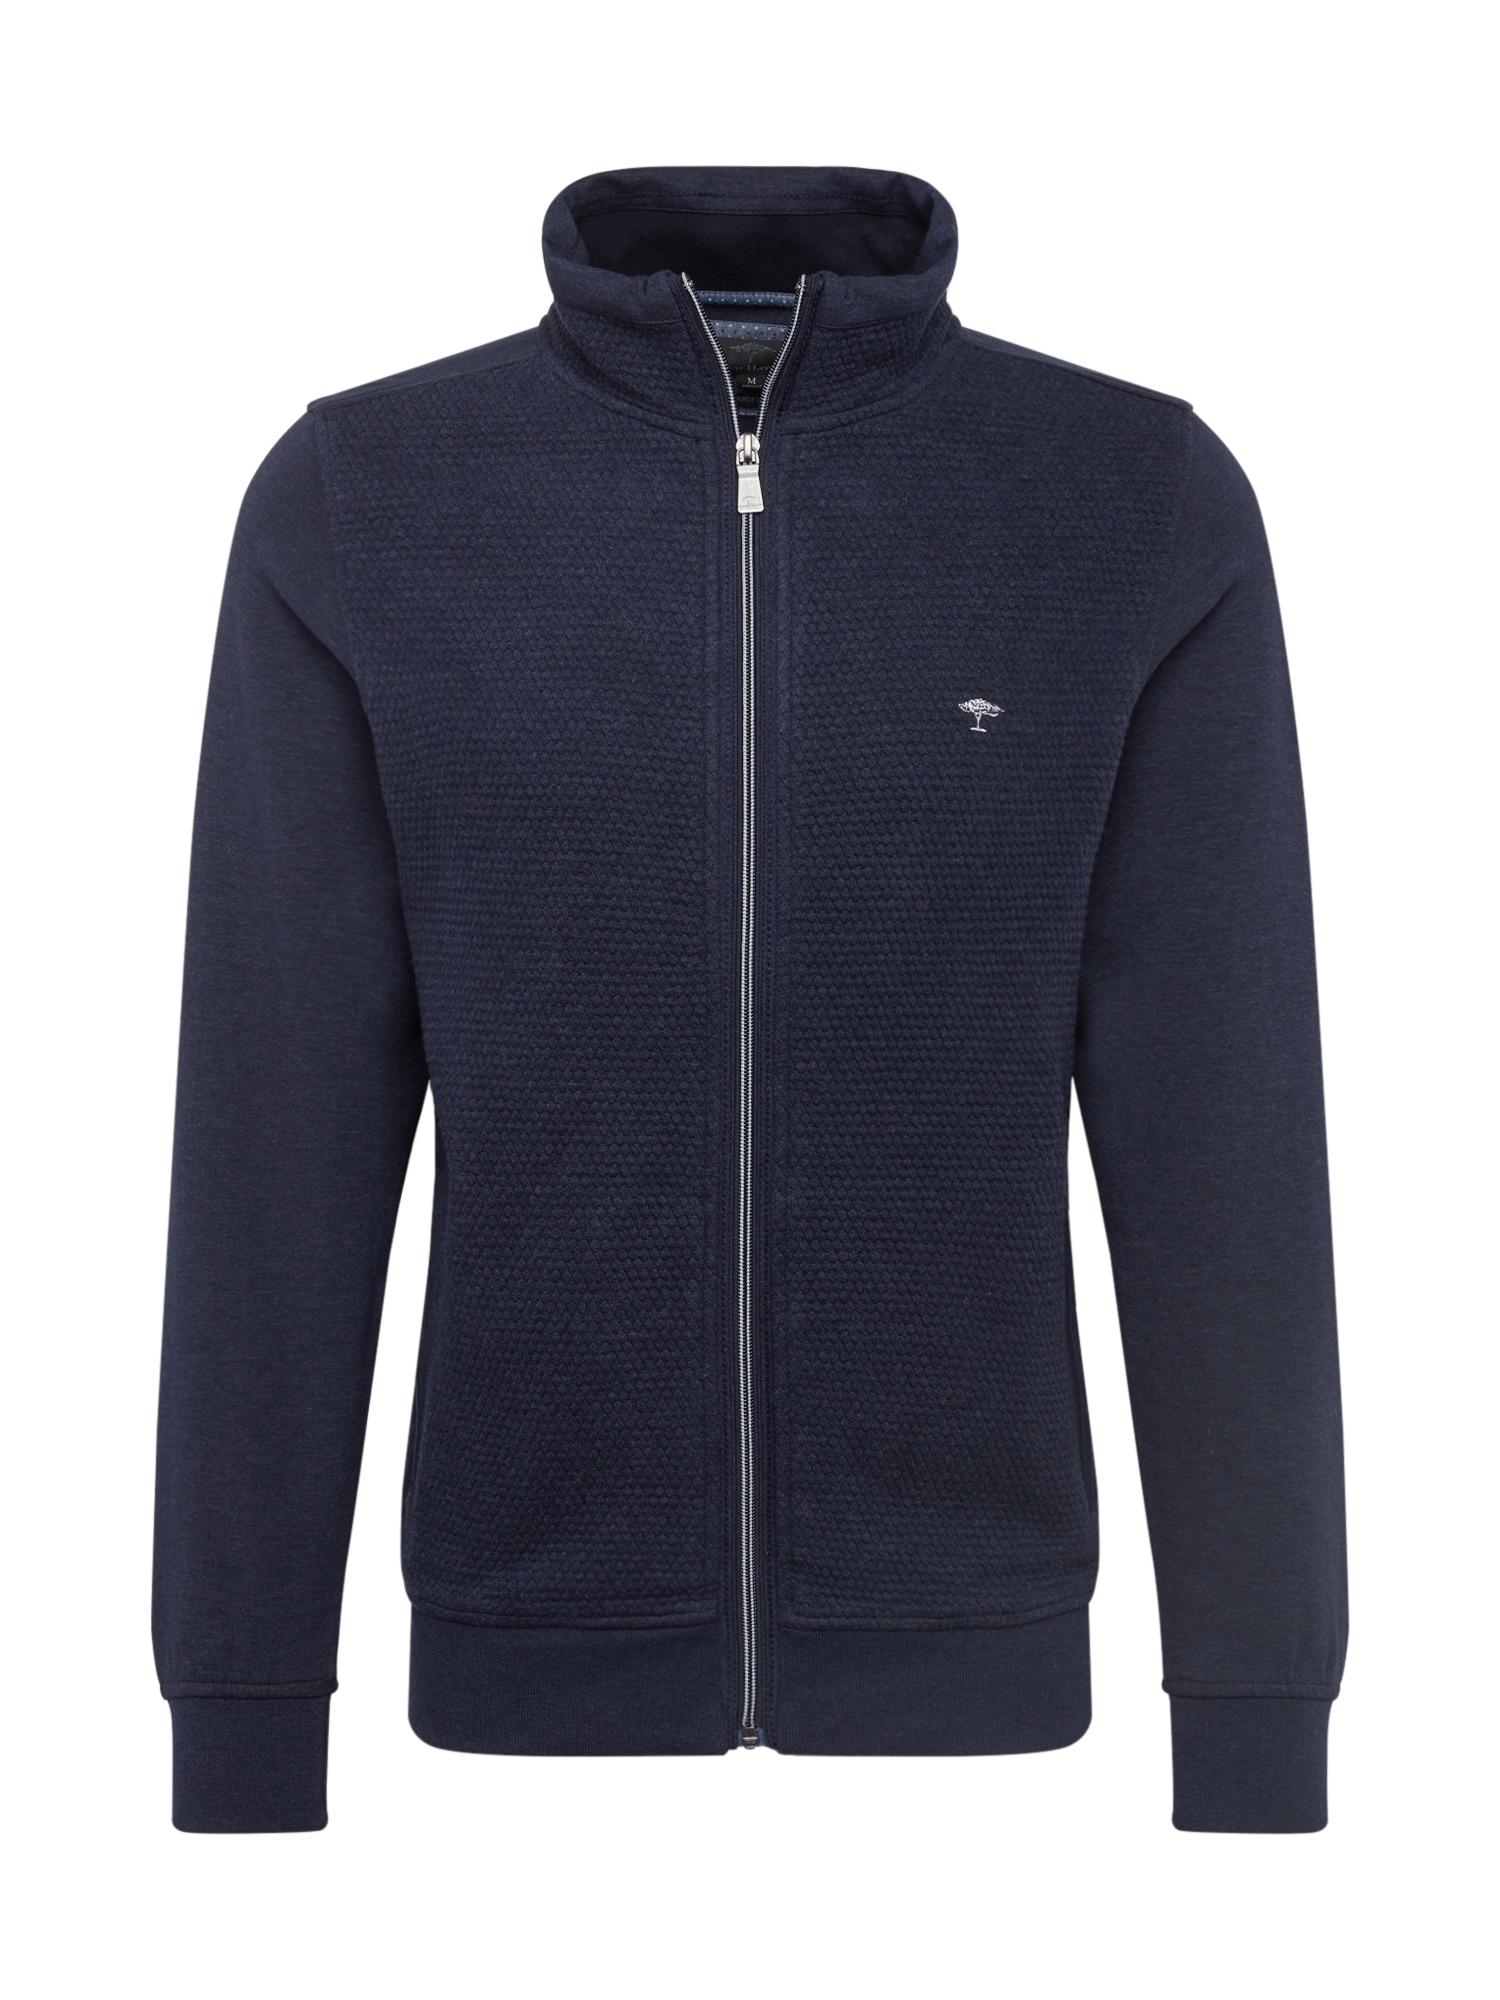 Sweatjacke | Bekleidung > Sweatshirts & -jacken | FYNCH-HATTON